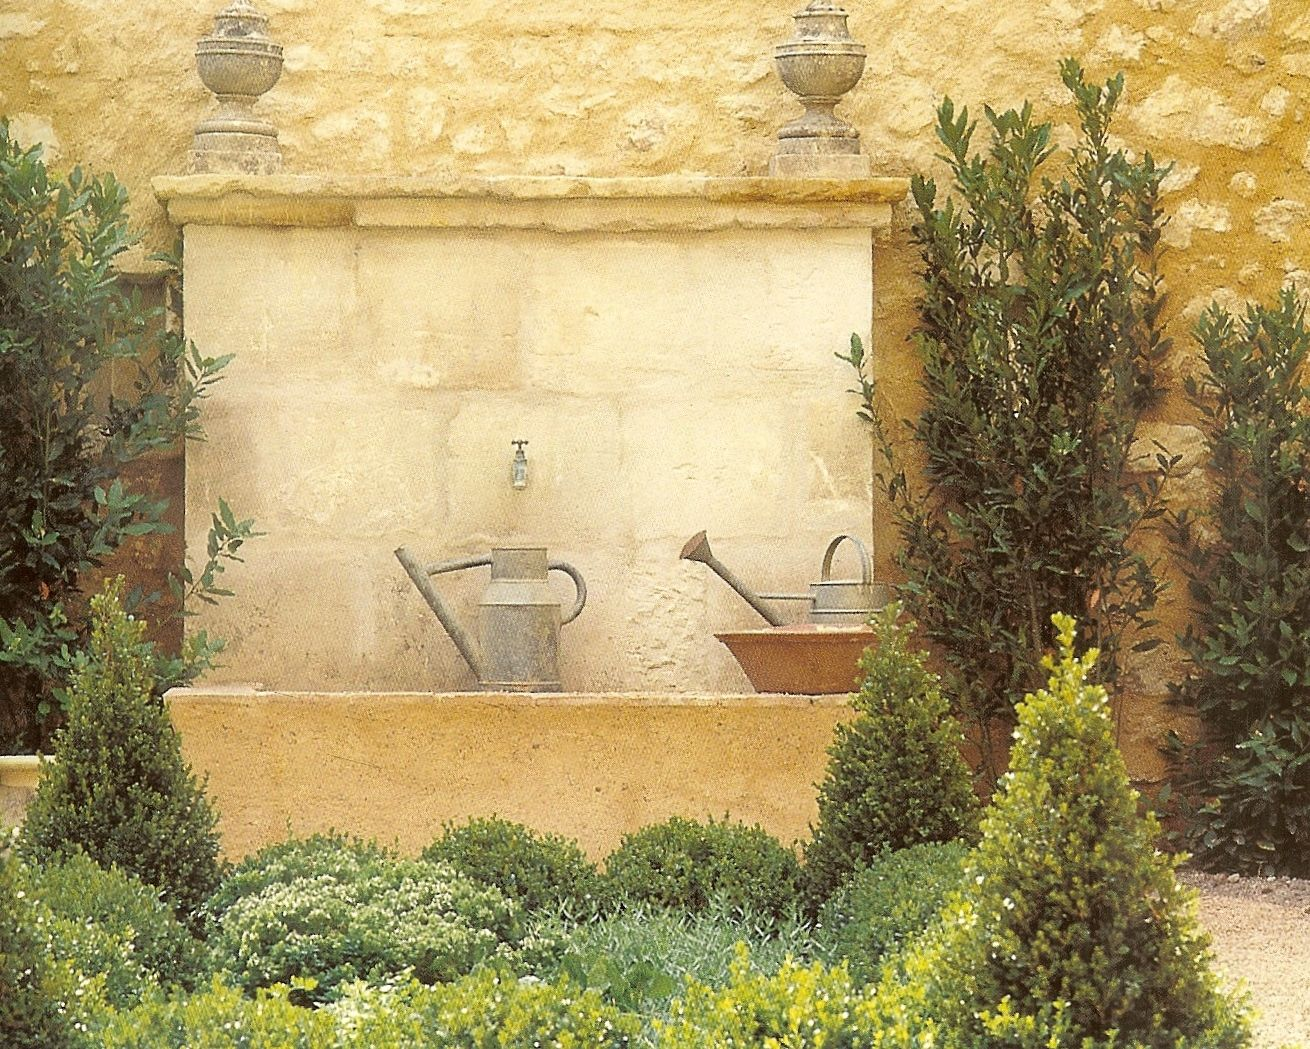 fountain texture | lakehouse (Villa Cantina) garden room inspiration ...